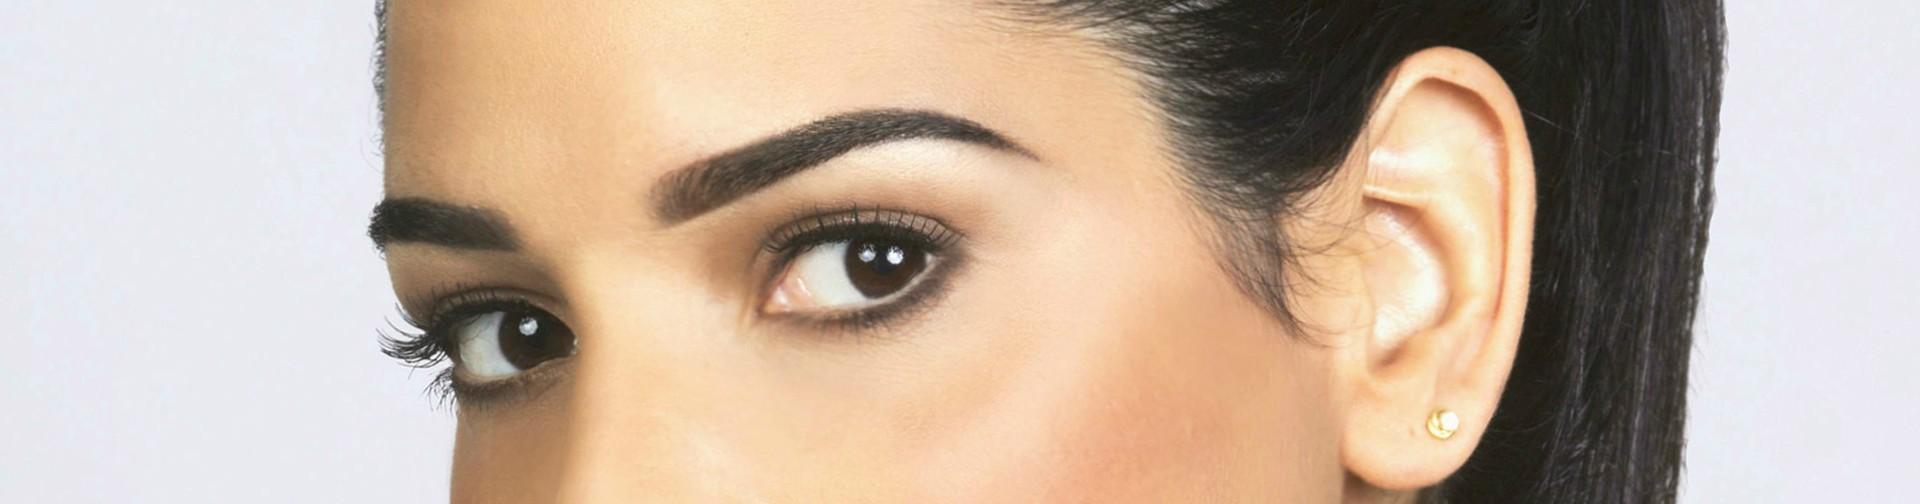 Como aplicar henna nas sobrancelhas 3